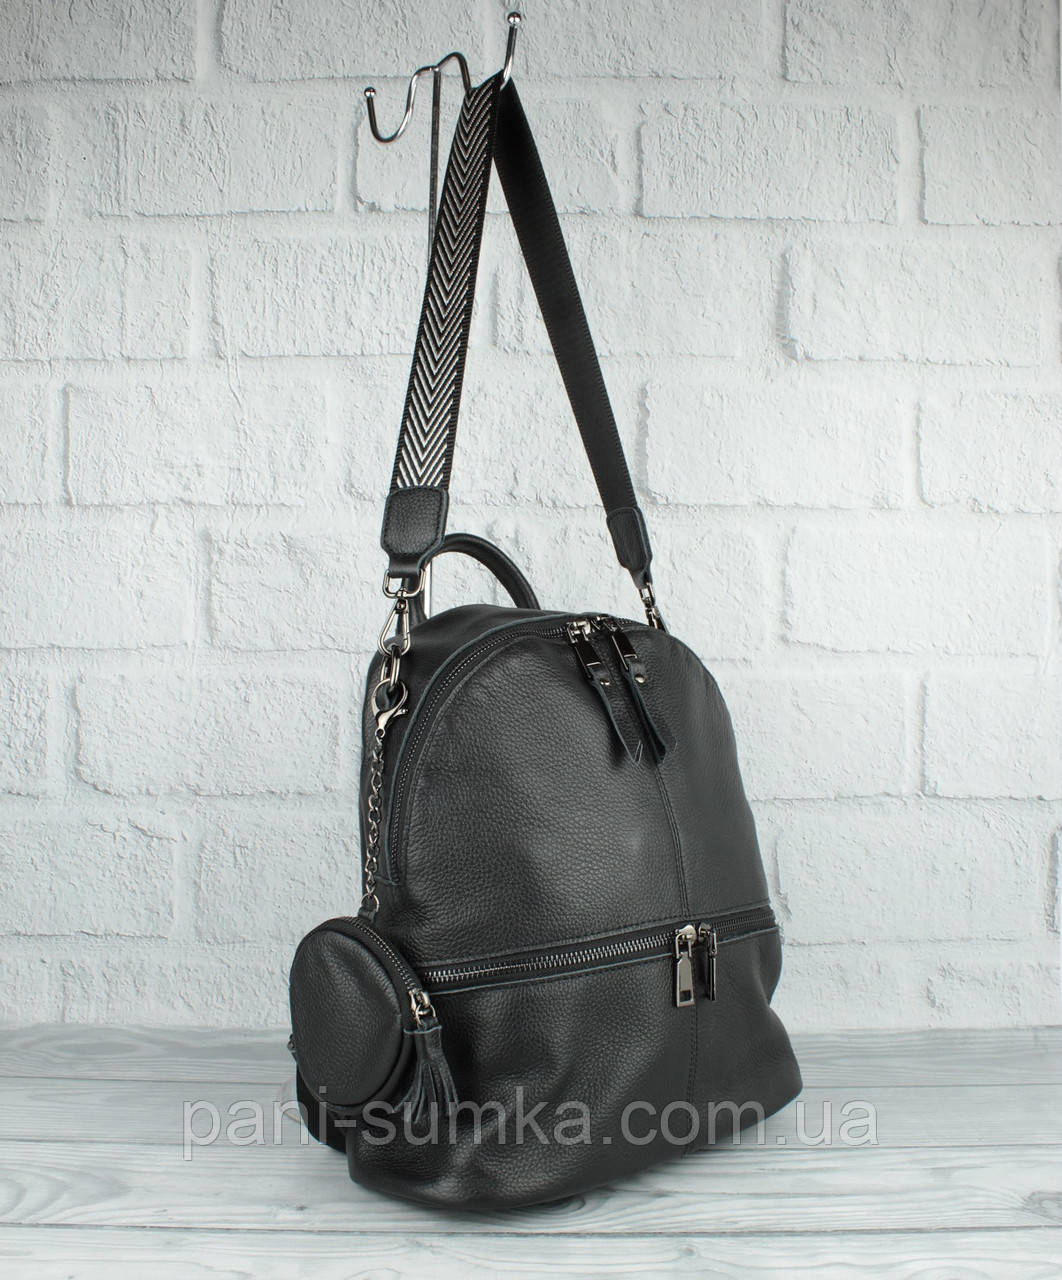 Кожаный рюкзак-сумка Farfalla Rosso 6-582 черный с кошельком